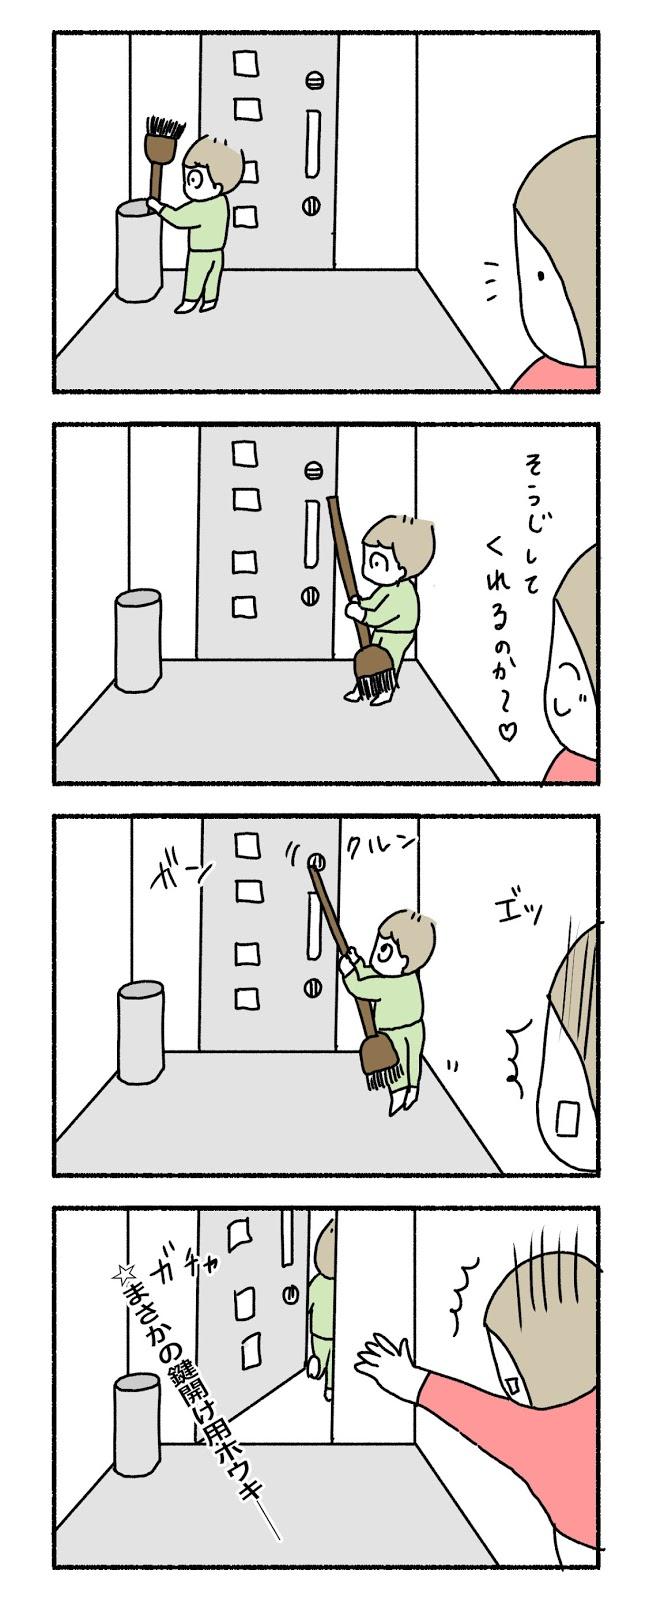 2歳児は道具を使って鍵を開けるのでどうしたって出て行ってしまう4コマ漫画